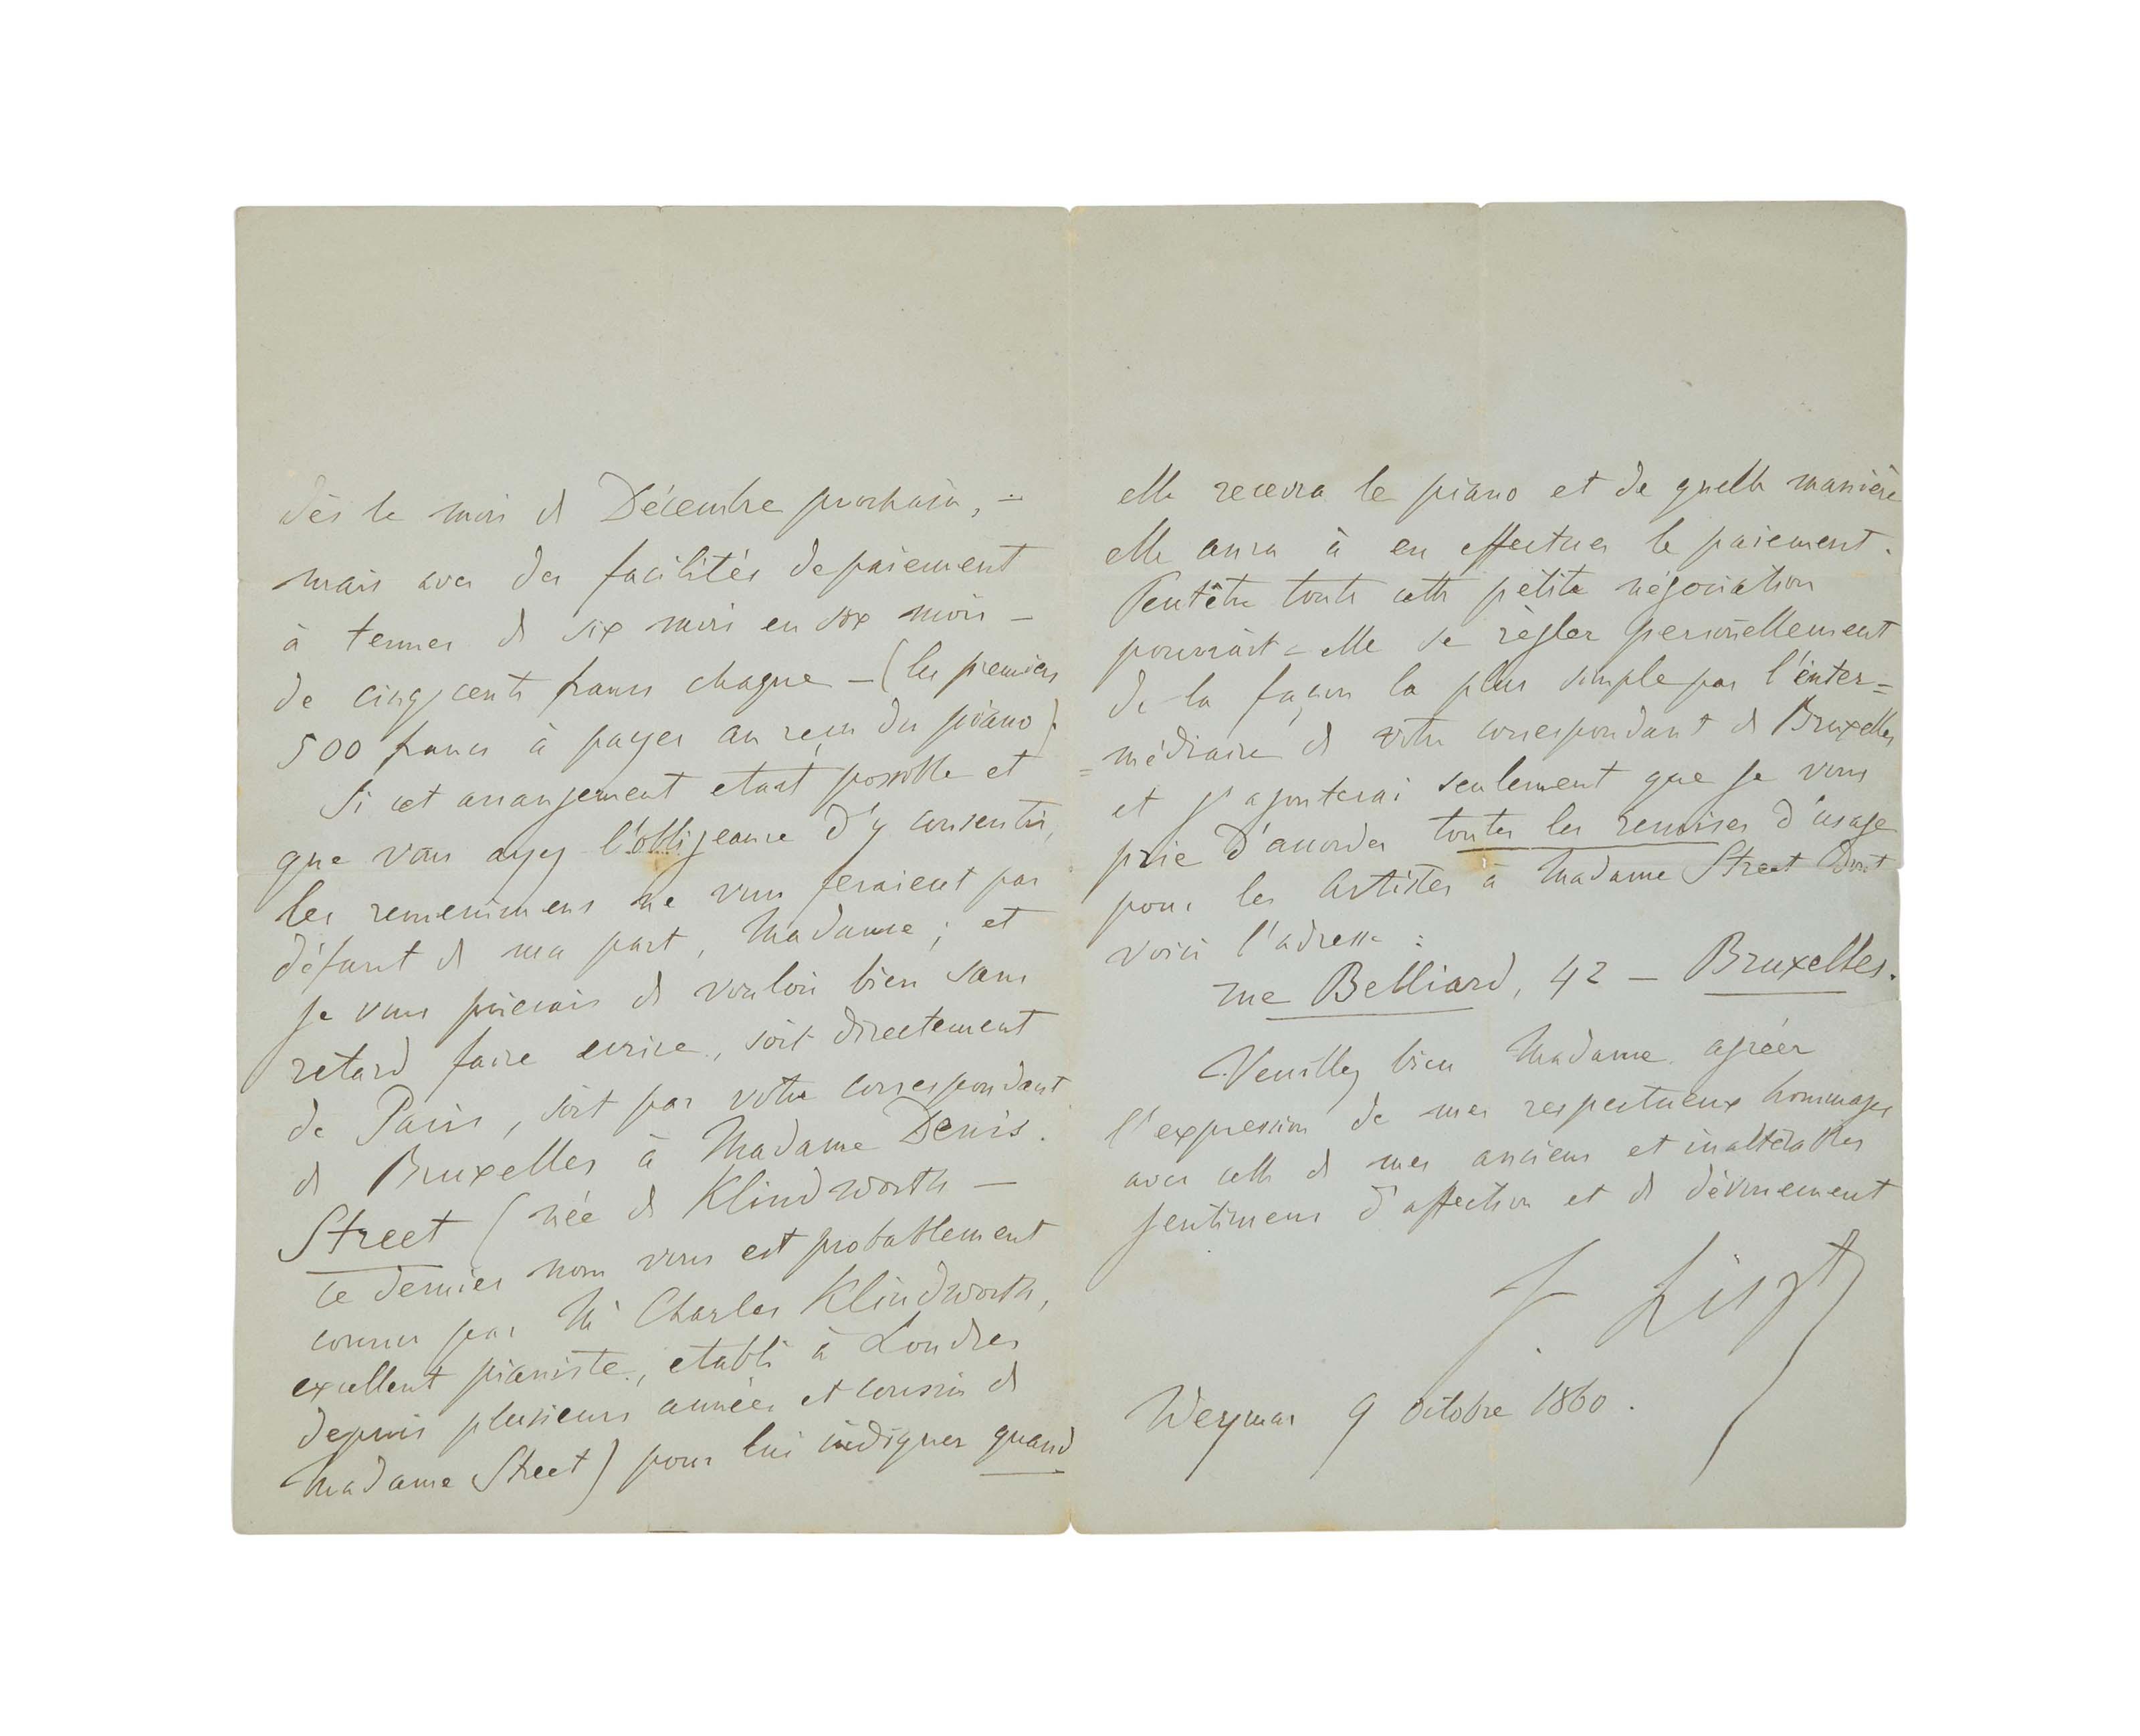 LISZT, Franz (1811-1886). Lett